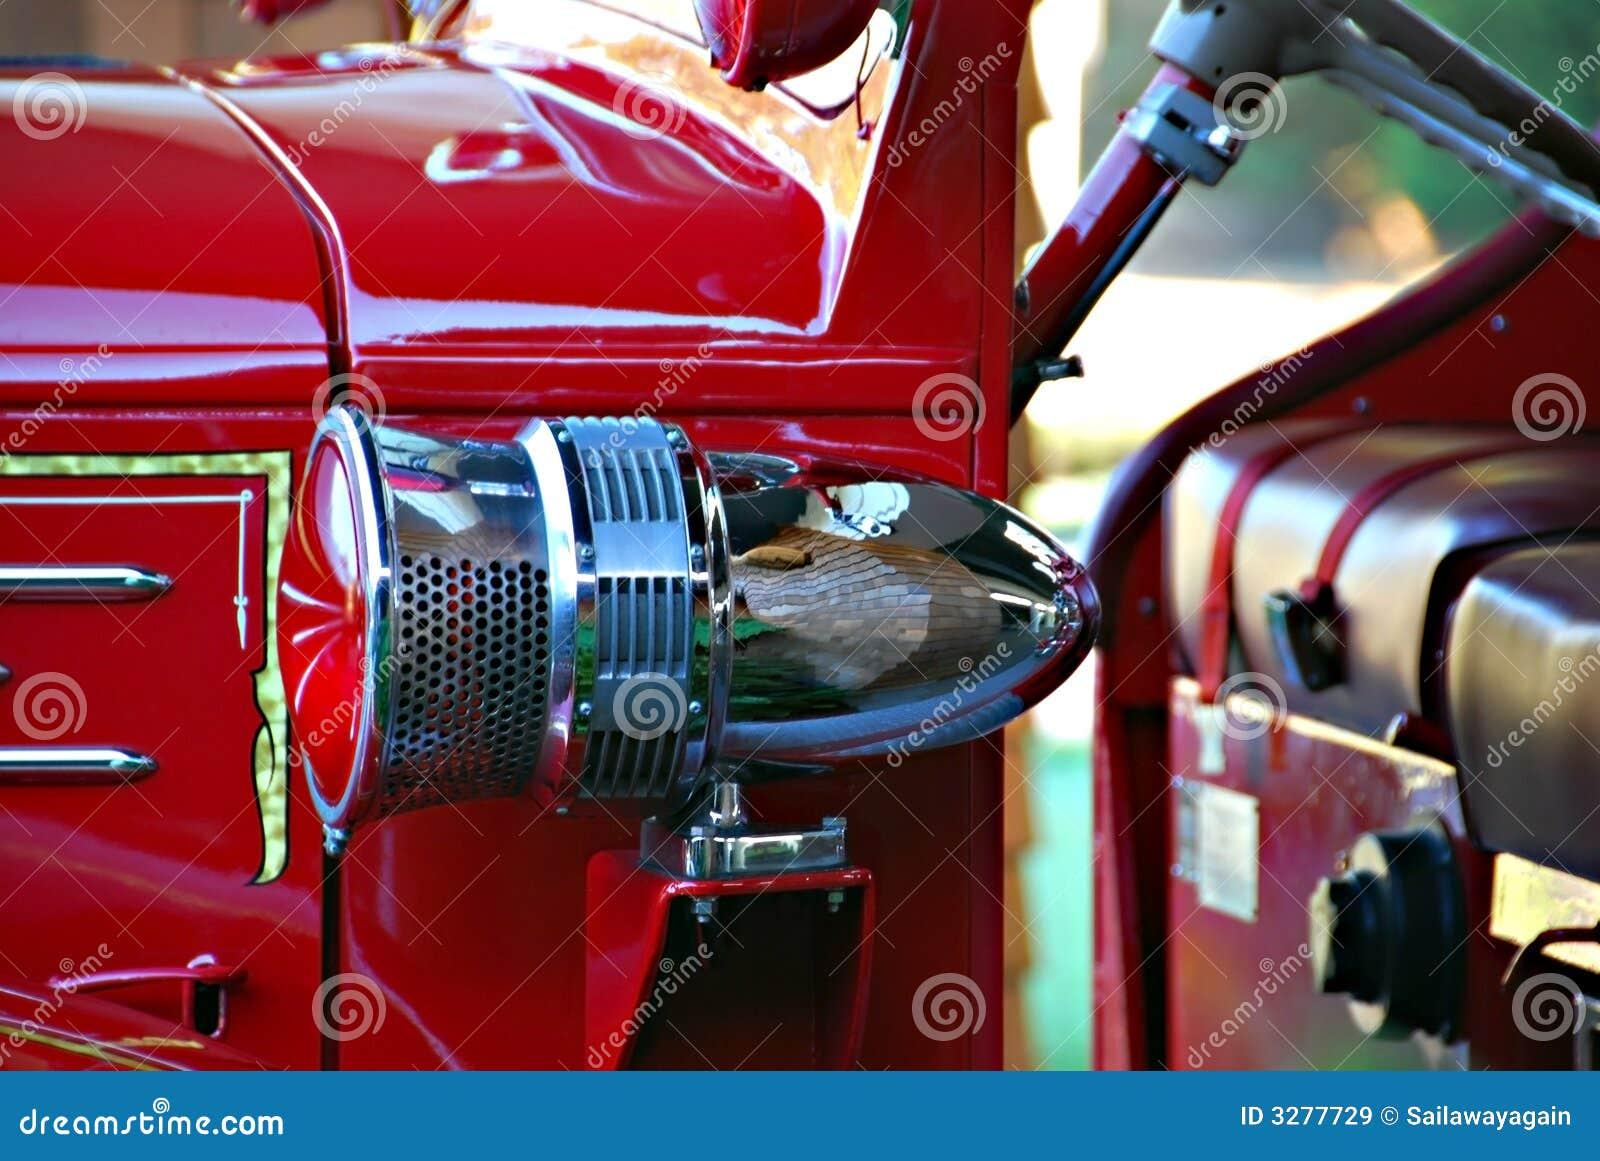 De antieke Sirene van de Motor van de Brand